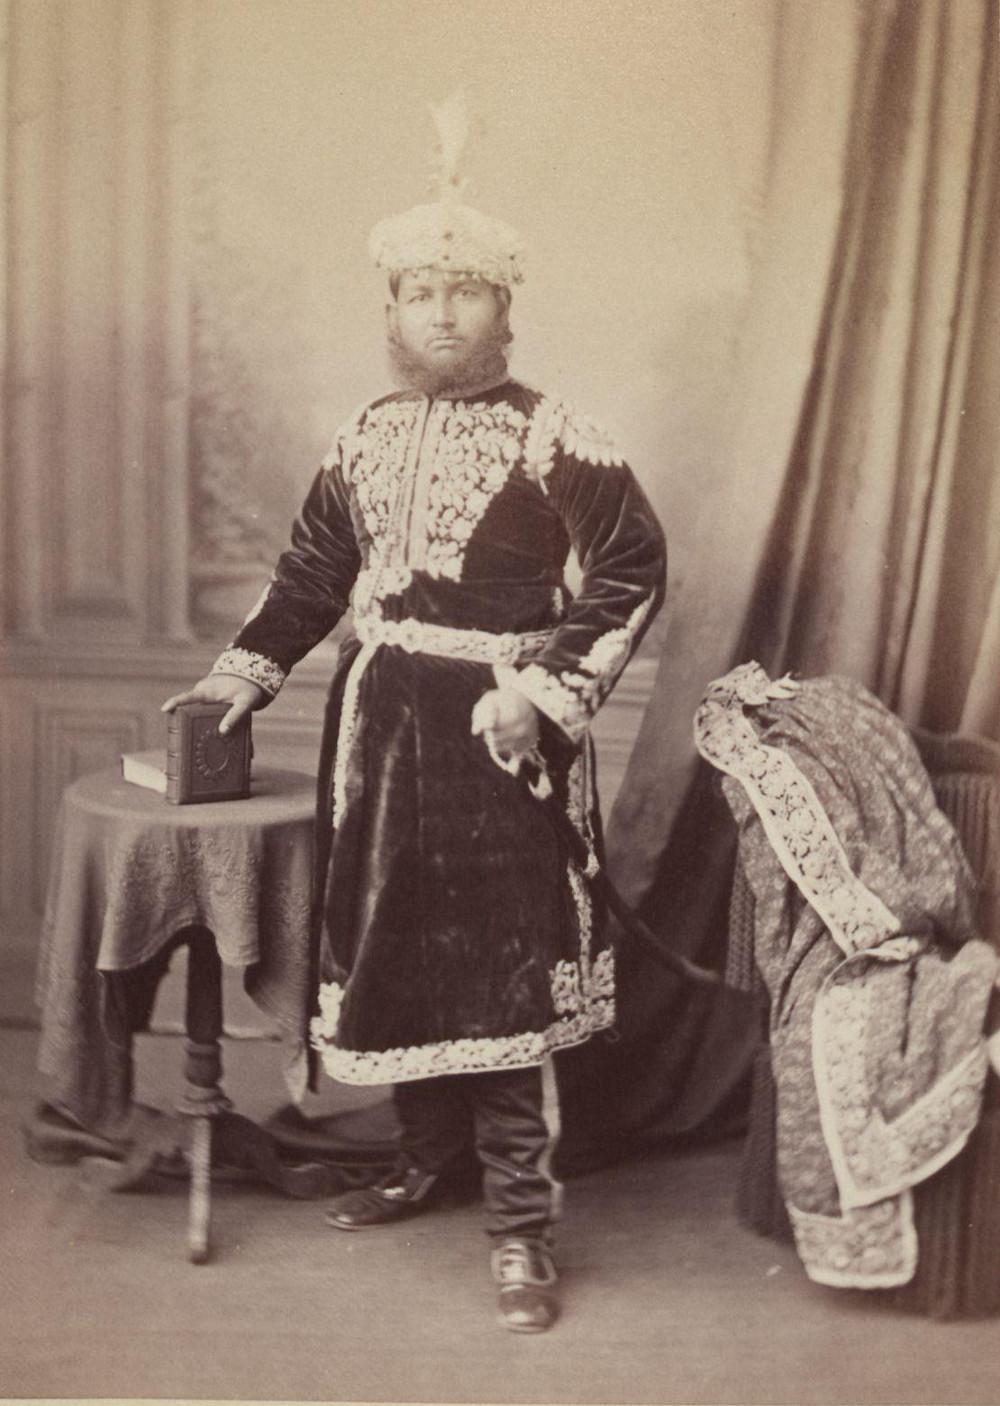 Albom fotografii indiiskih vzgliadov liudei 10